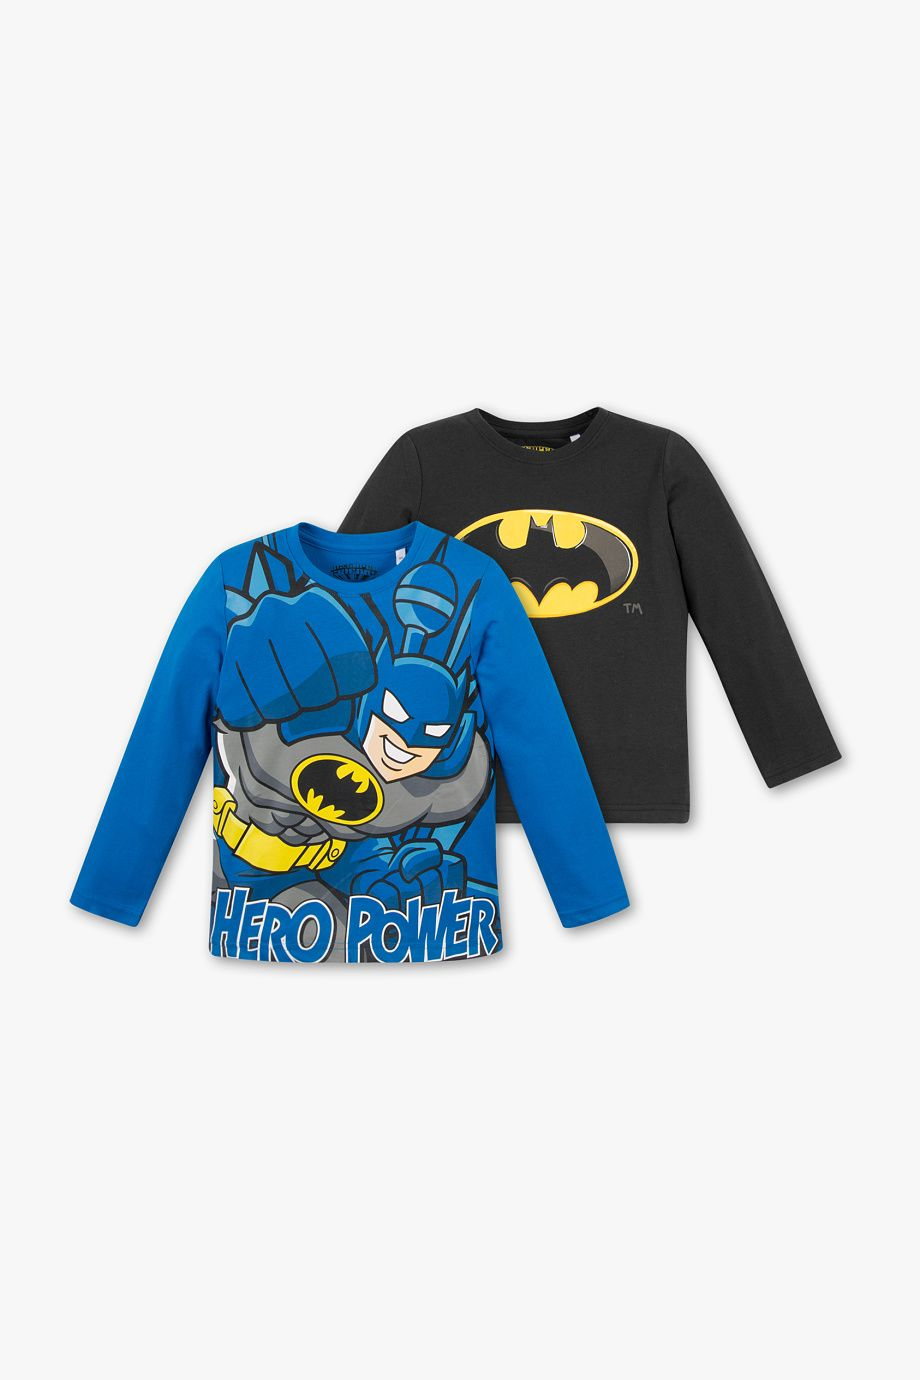 d2d0dc436 Niños - Camiseta de manga larga con Batman - Algodón orgánico - Pack de 2 -  estampado multicolor